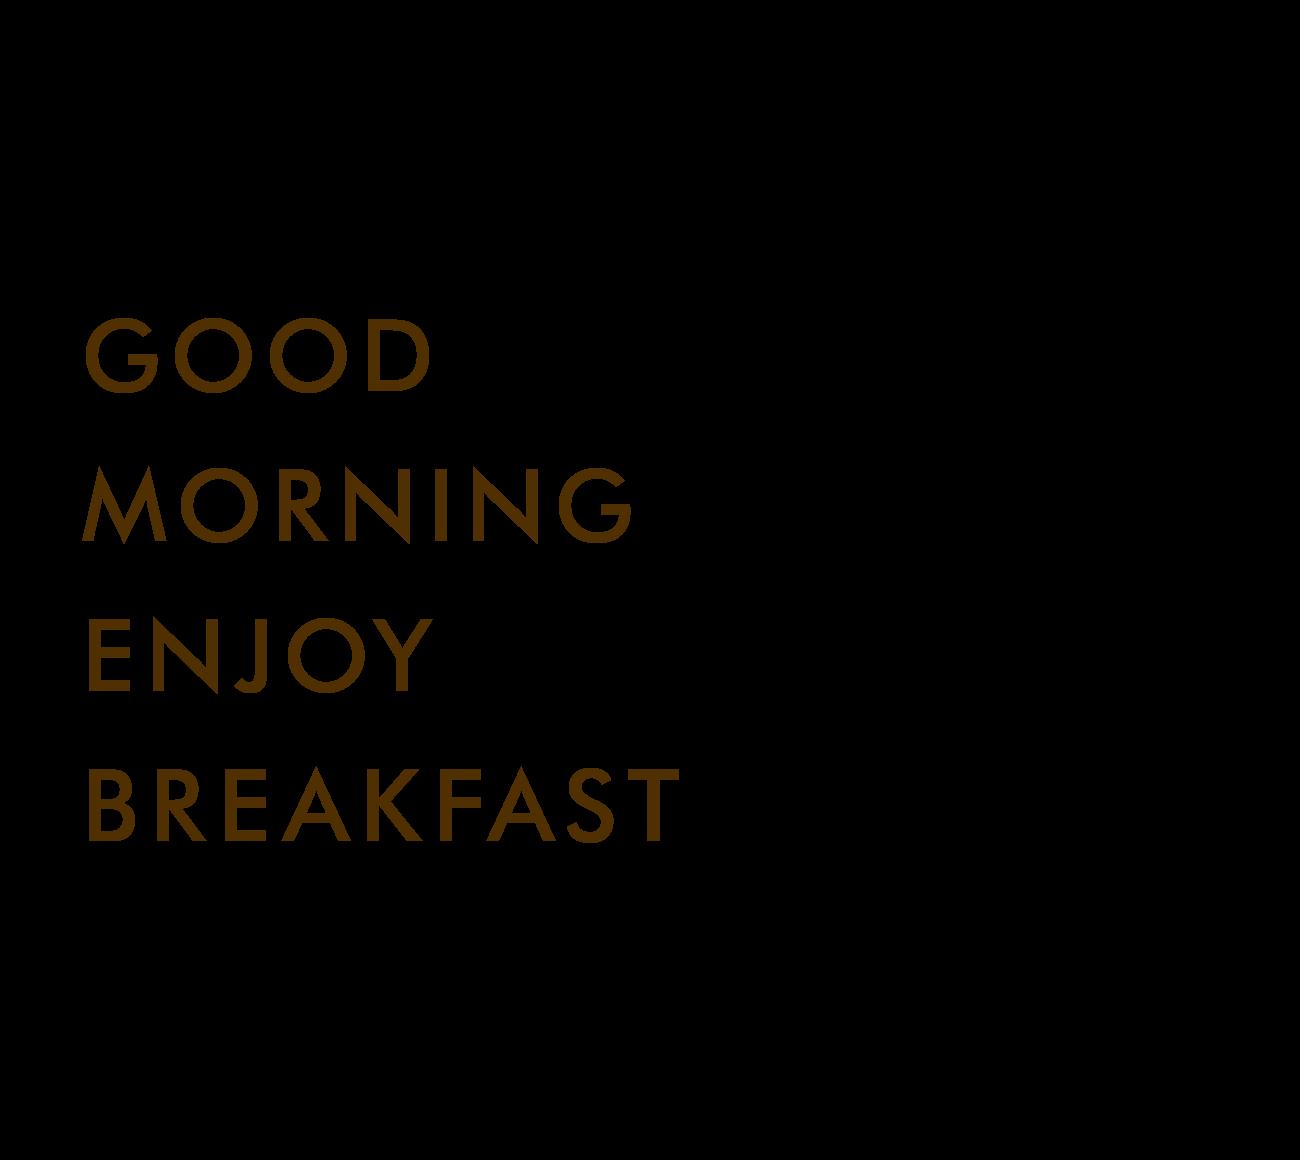 GOOD MORNING ENJOY BREAKFAST